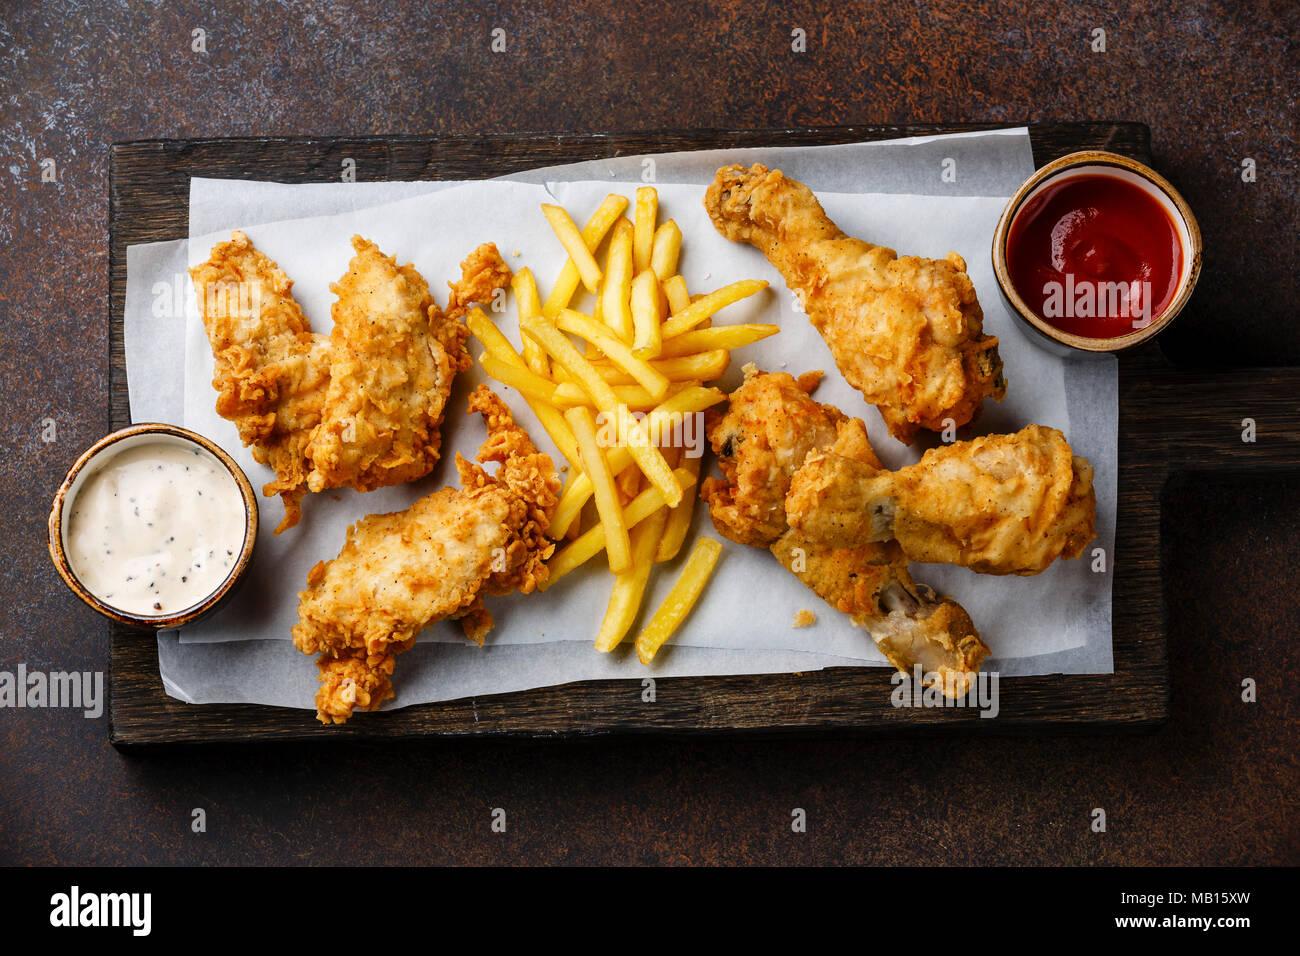 Panate le cosce di pollo fast food con salsa di popolare su sfondo marrone Immagini Stock